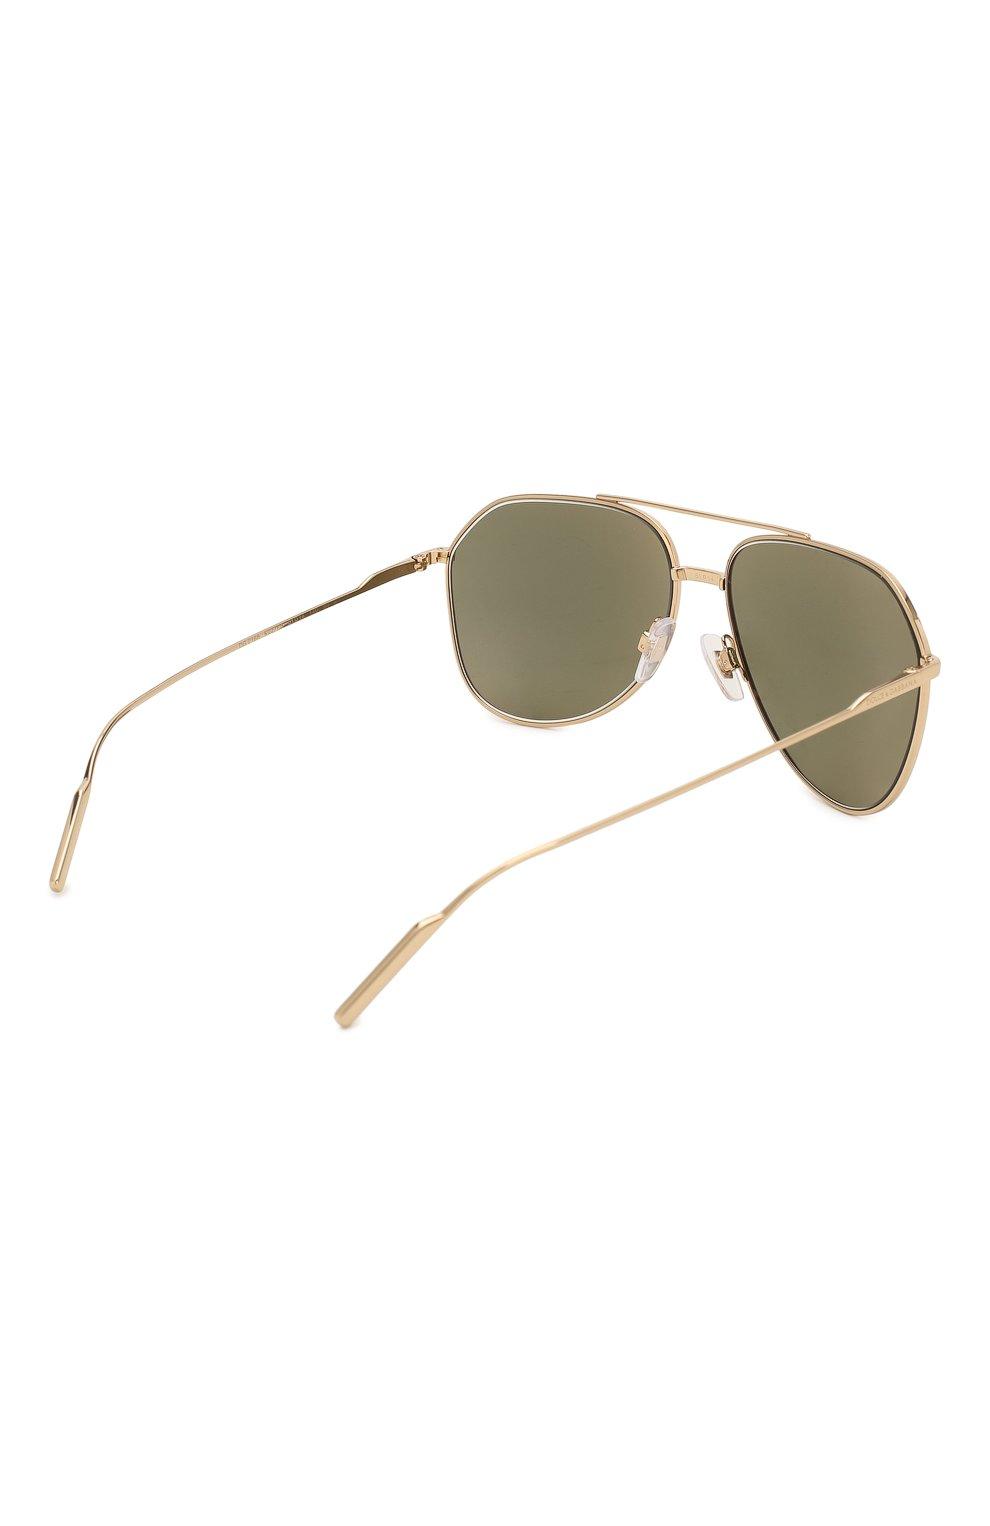 Женские солнцезащитные очки DOLCE & GABBANA золотого цвета, арт. 2166-K02/F9 | Фото 5